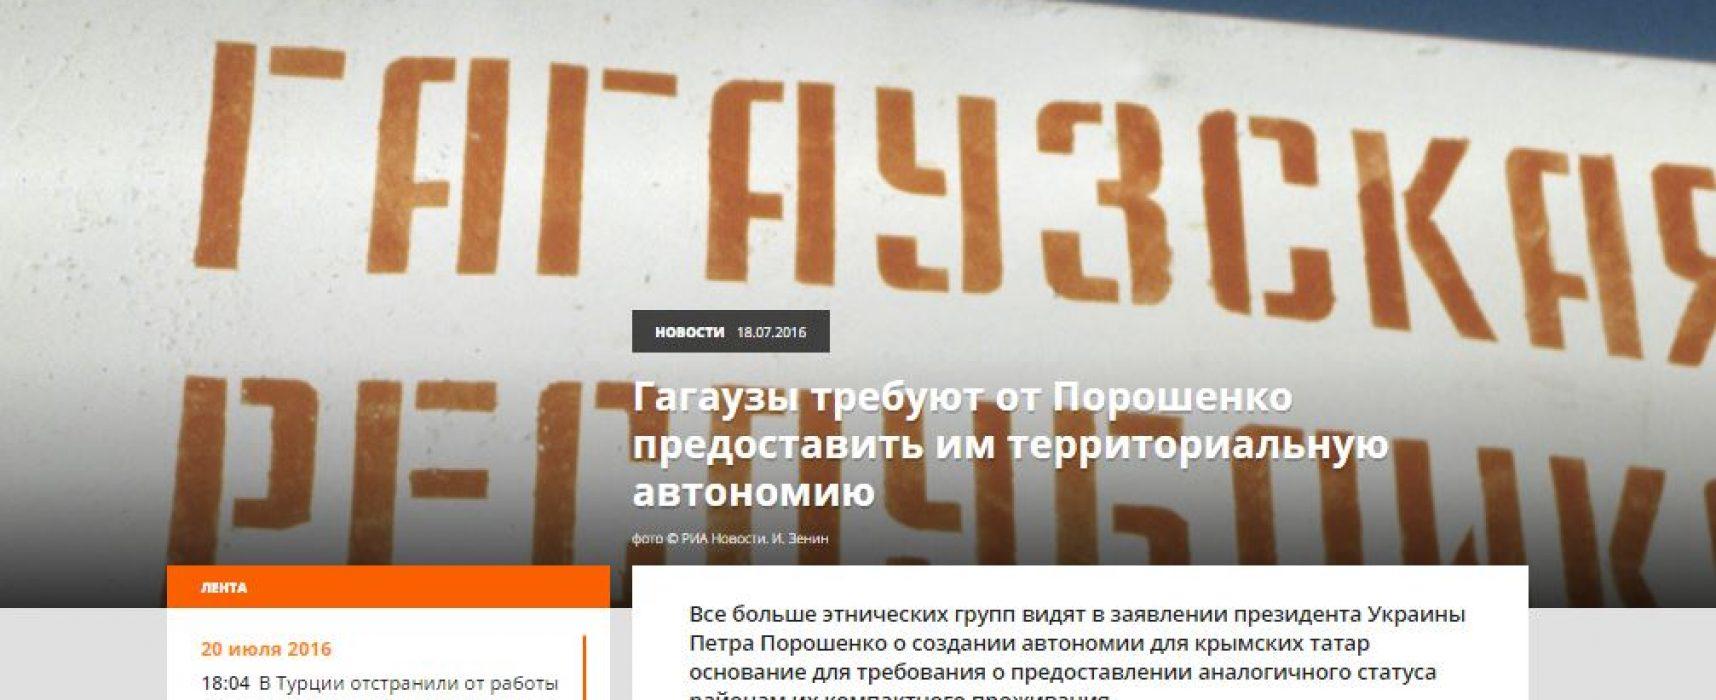 Fake: I Gagauzi dell'Ucraina richiedono l'autonomia